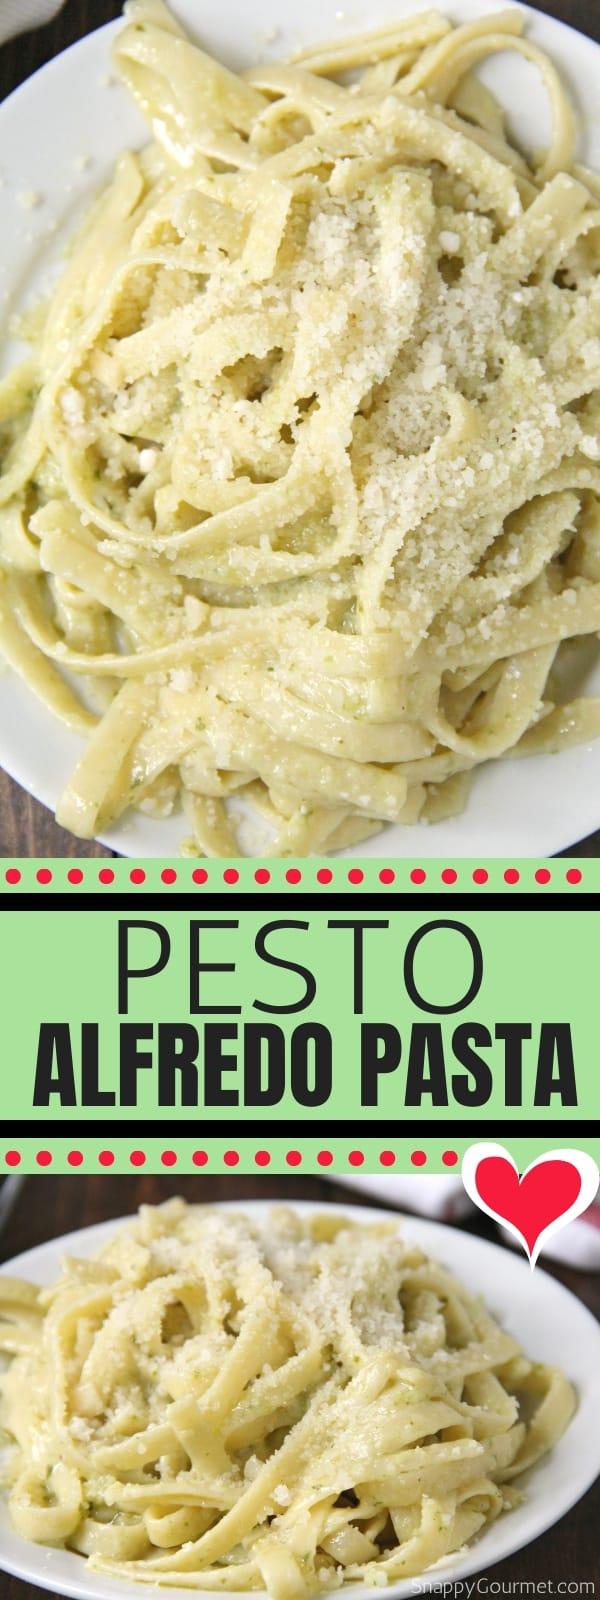 Pesto Alfredo collage